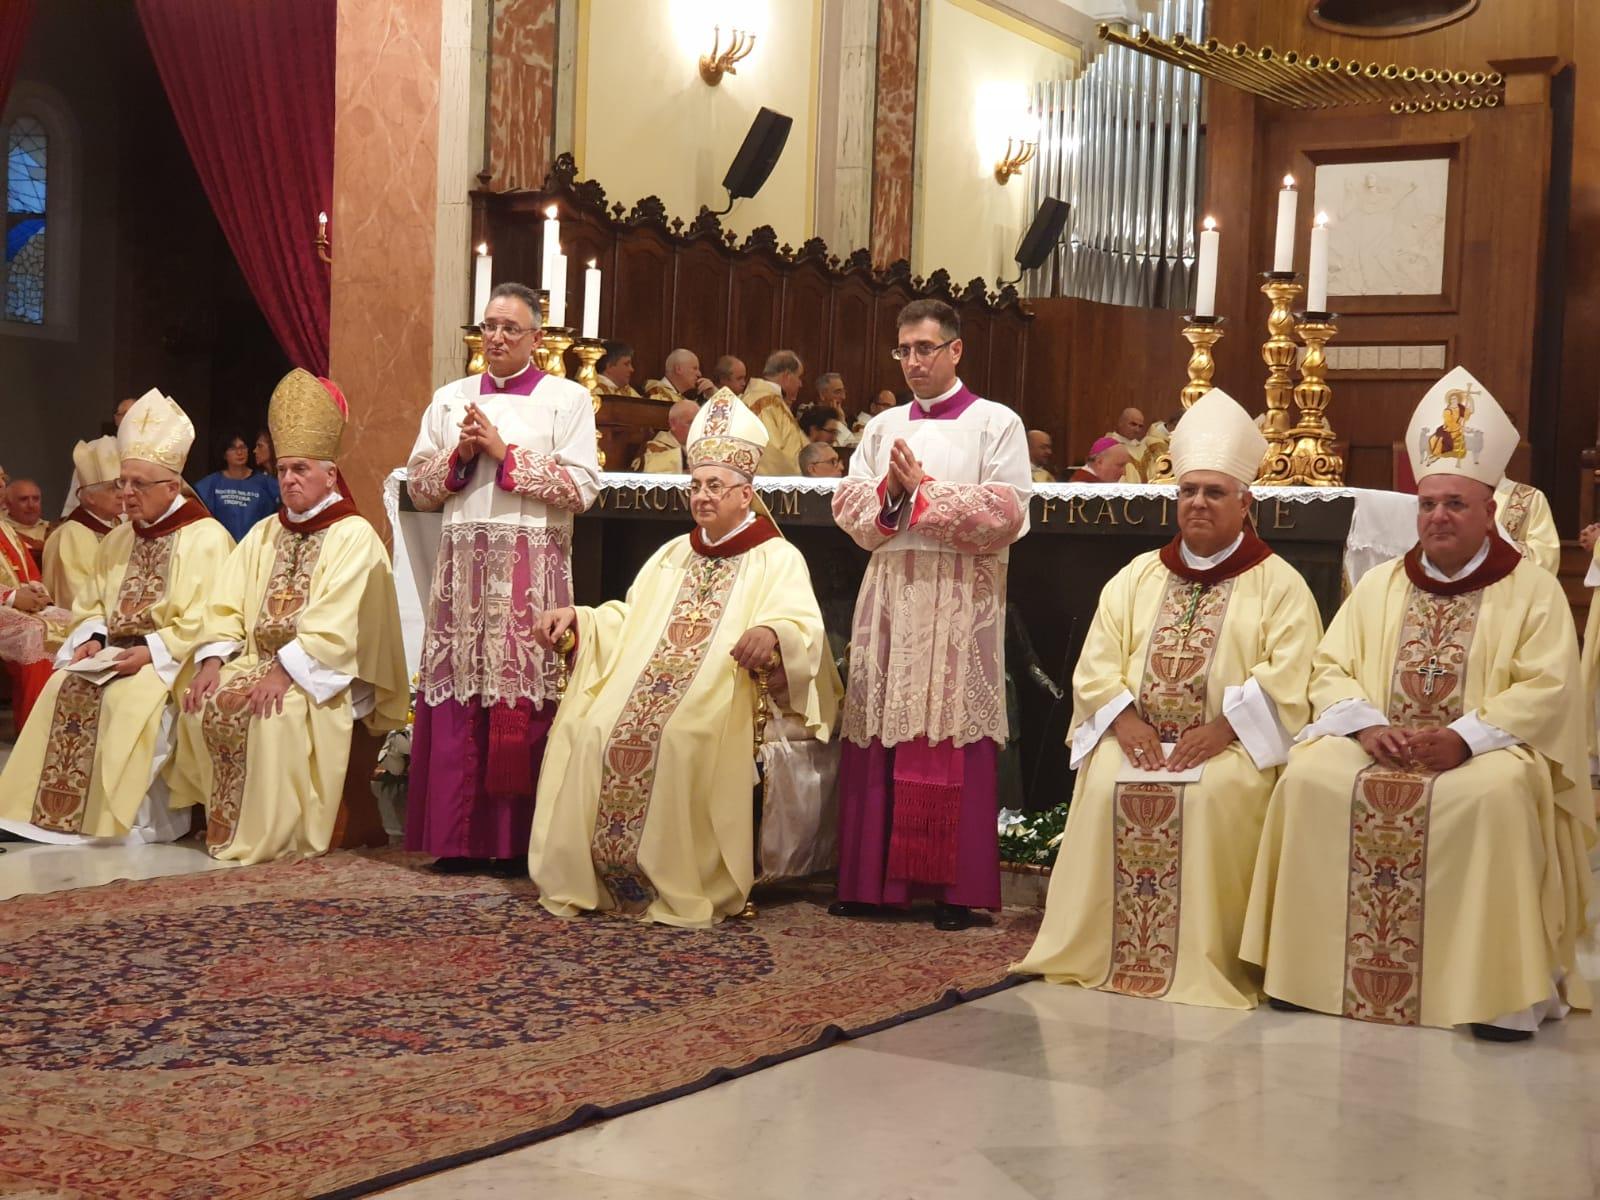 FOTO - A Mileto la celebrazione per il vescovo Francesco Massara, dalla parrocchia di Limbadi alla Diocesi di Camerino